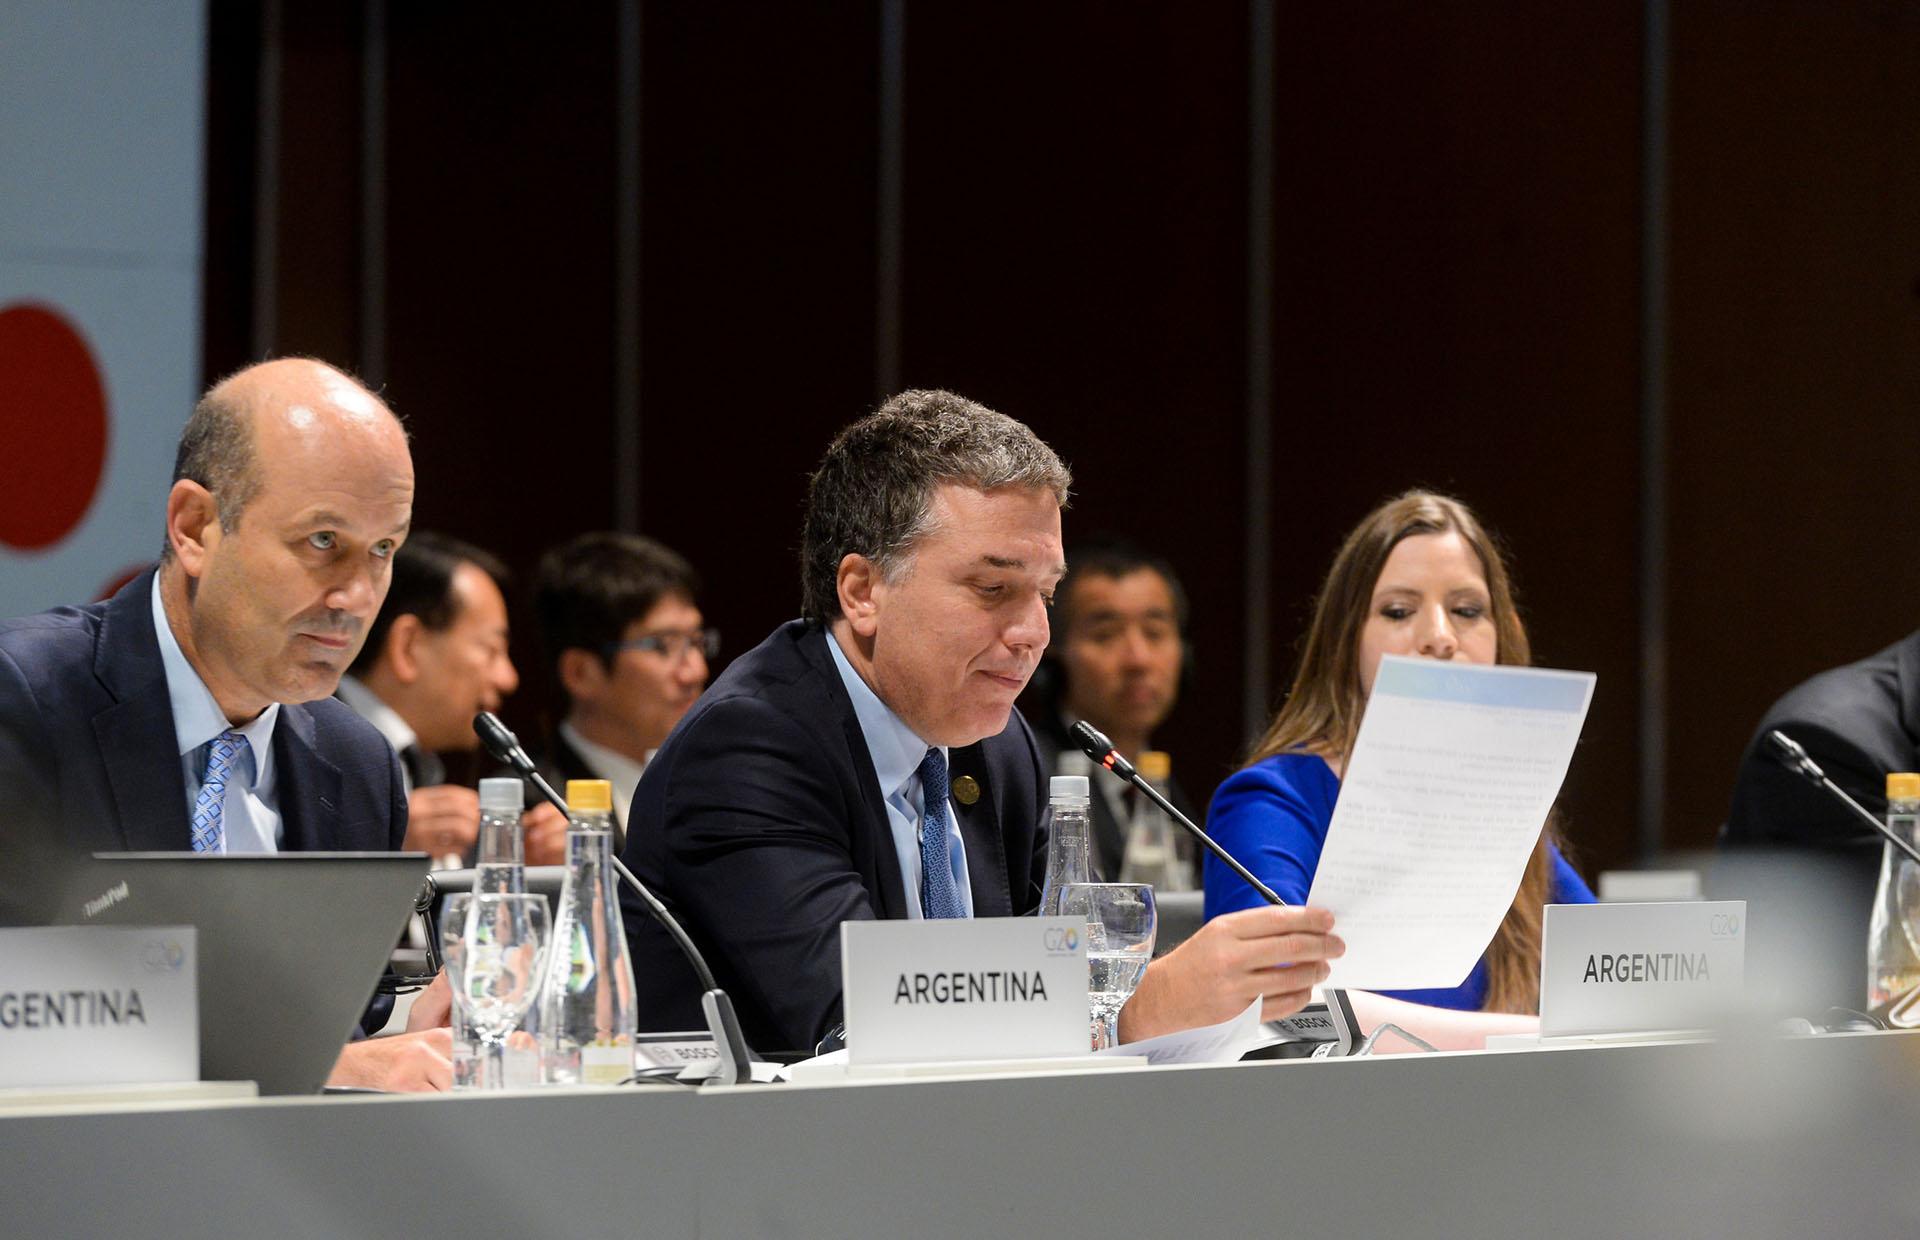 Federico Sturzenegger, presidente del Banco Central, y Nicolás Dujovne, ministro de Hacienda